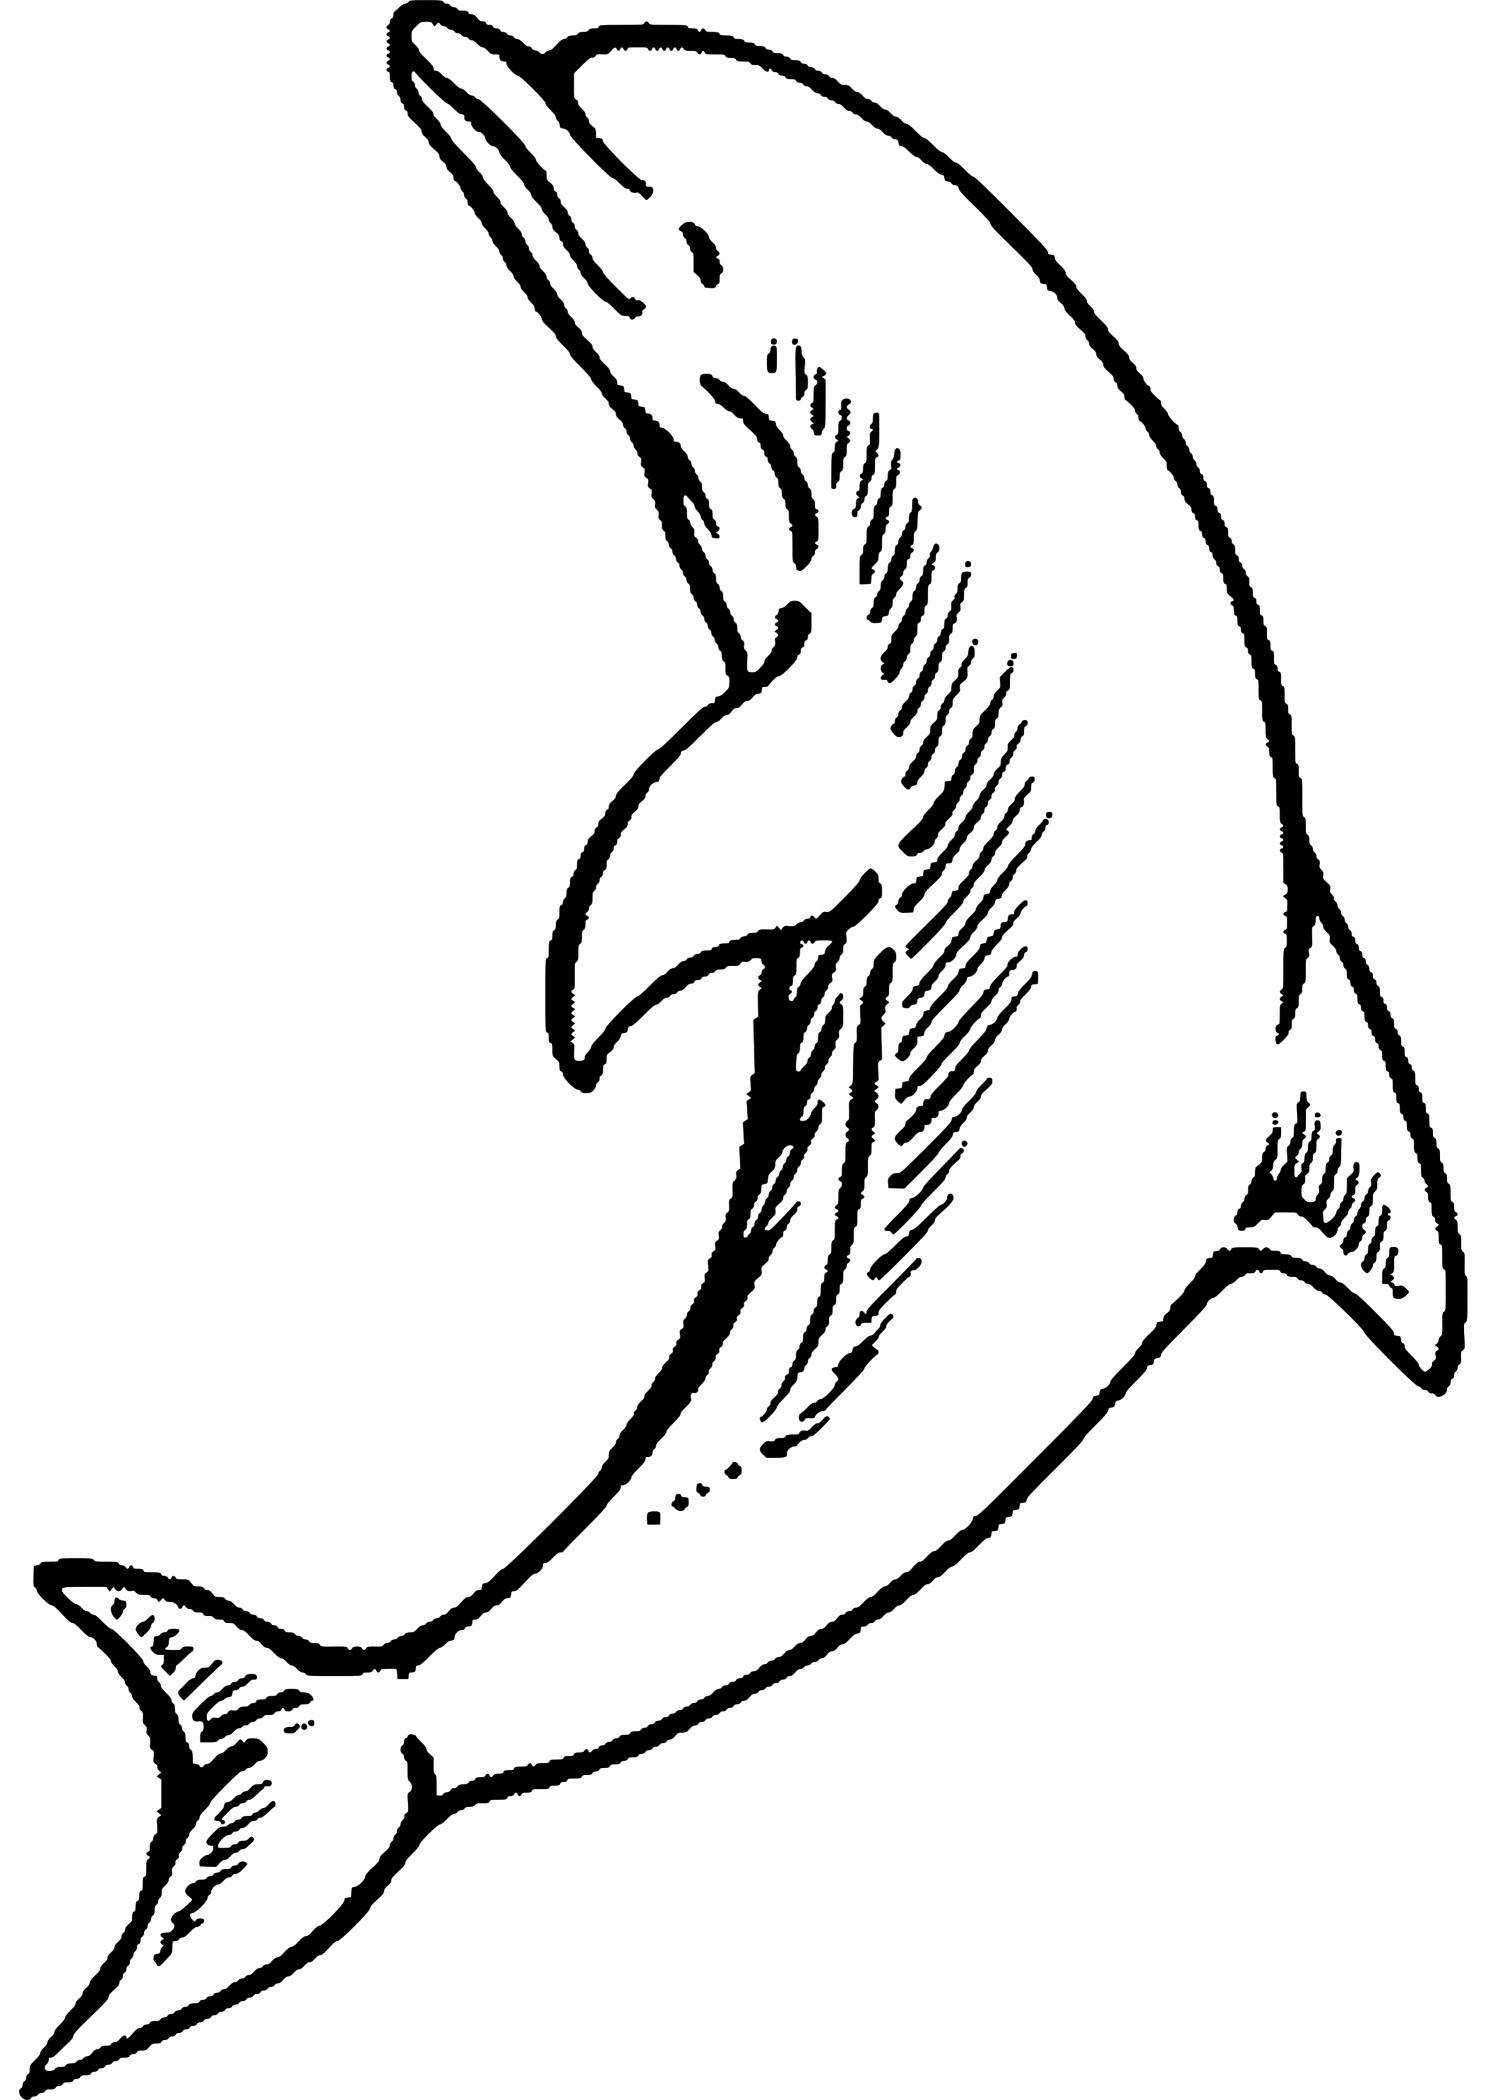 Delphin Zum Ausmalen Frisch Ausmalbilder Delfine Zum Ausdrucken Sammlungen Malvorlagen Delphin Stock